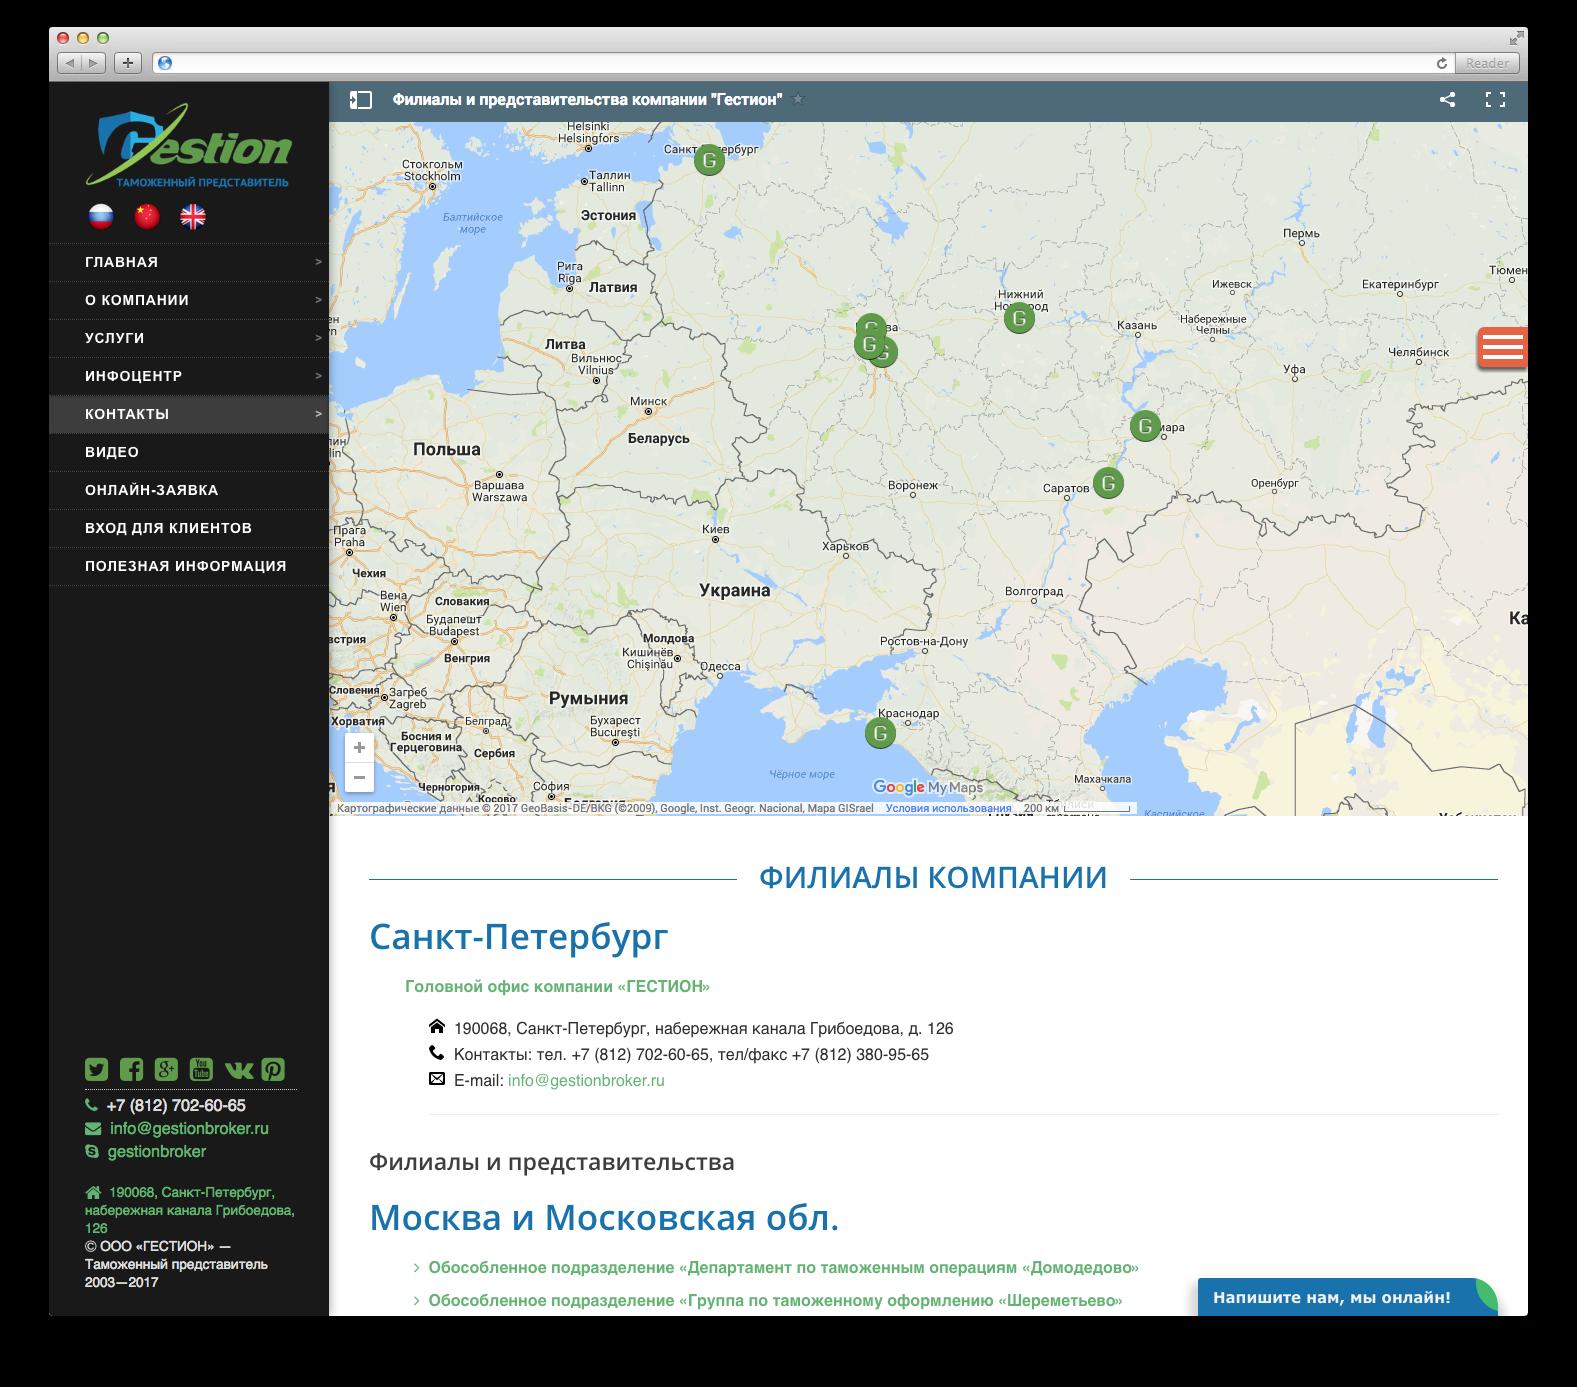 Интерактивная карта филиалов компании